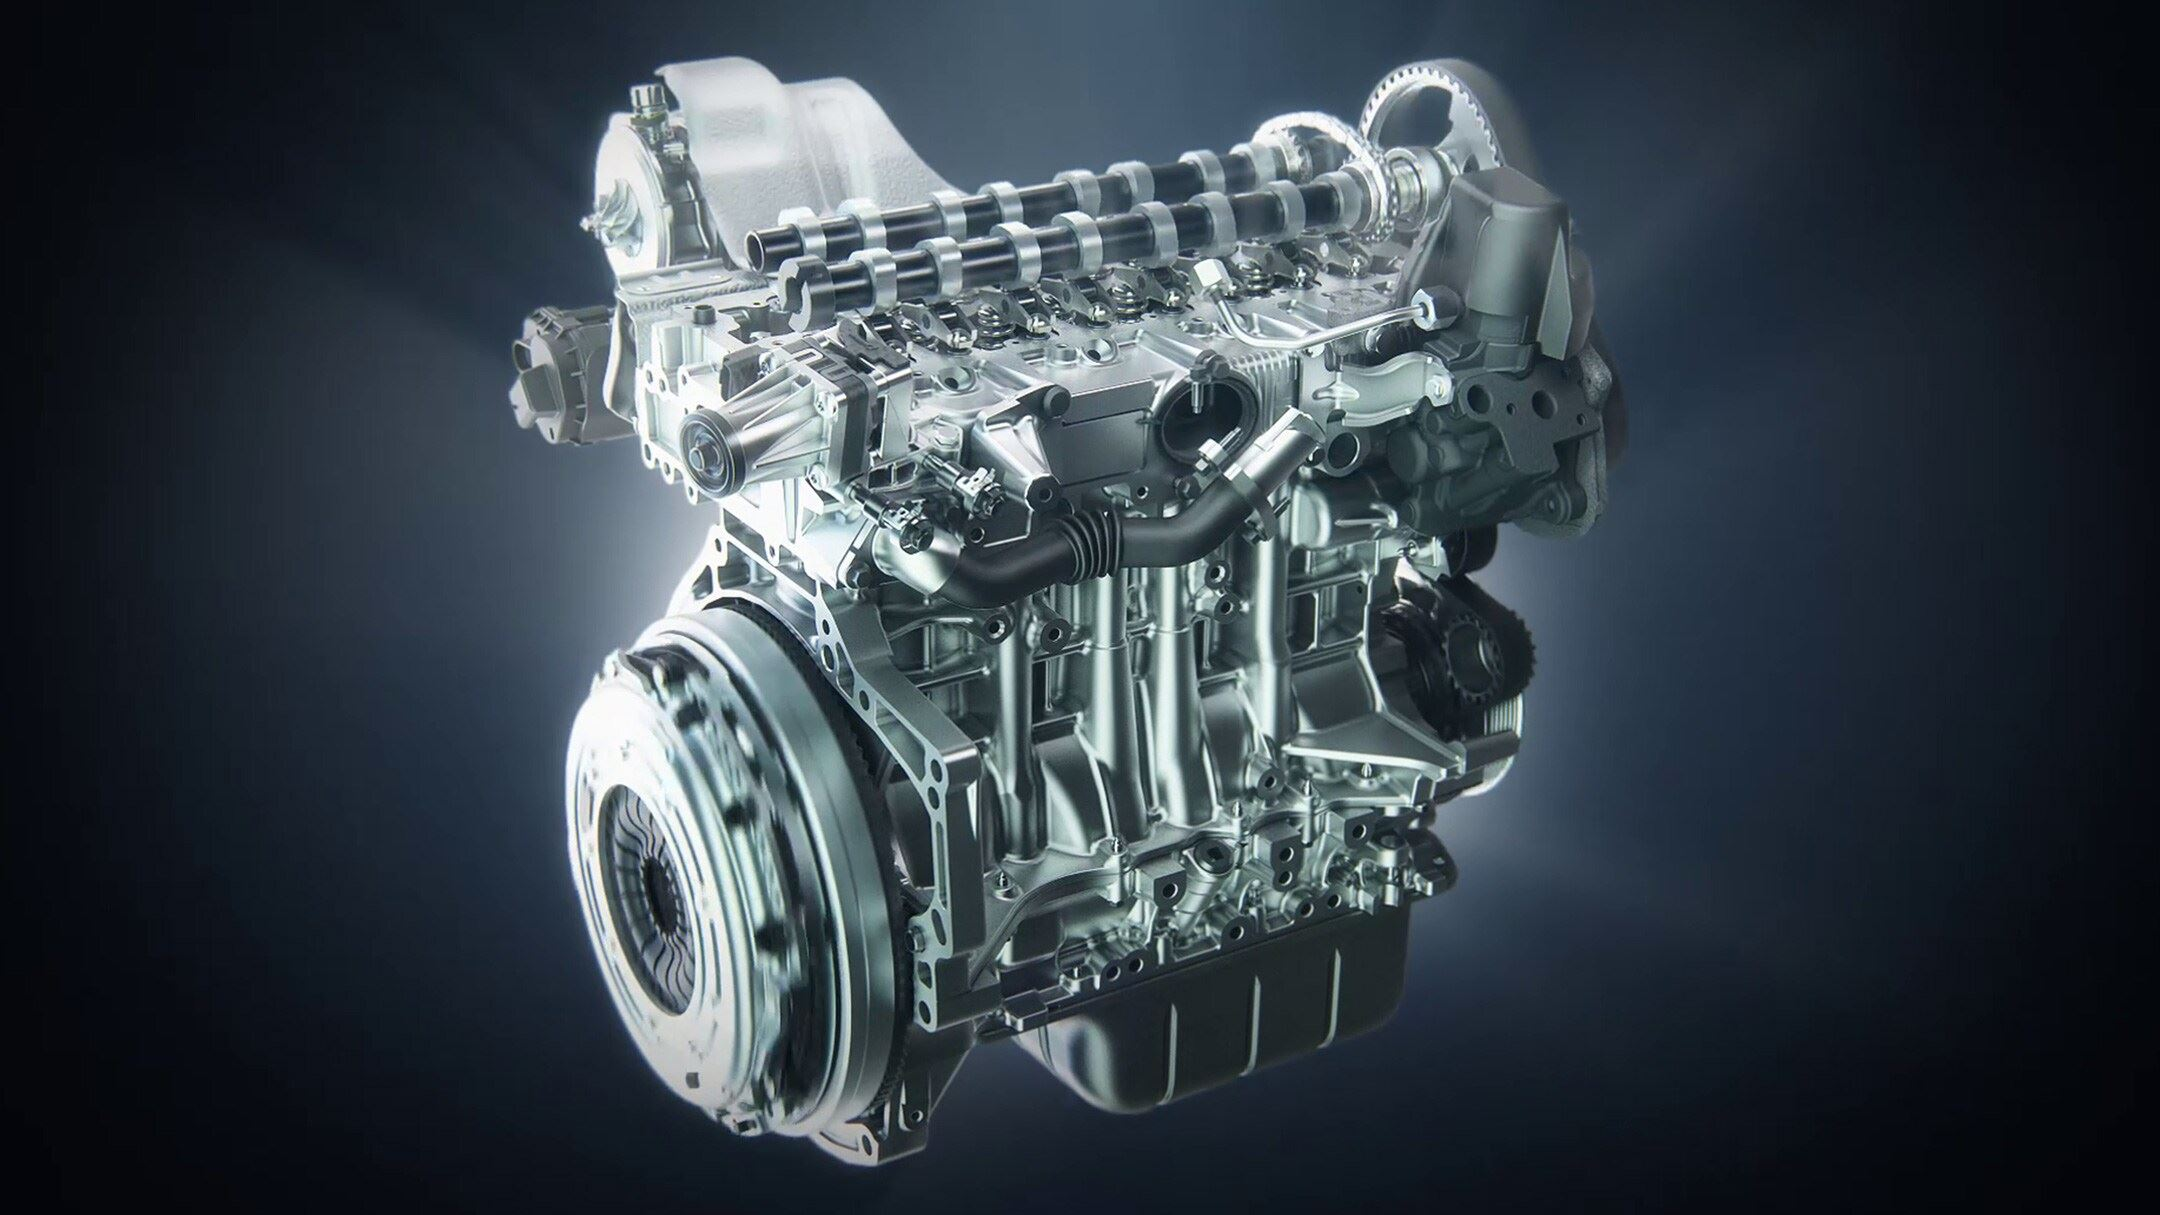 Výkonný zážehový motor 2.3 EcoBoost